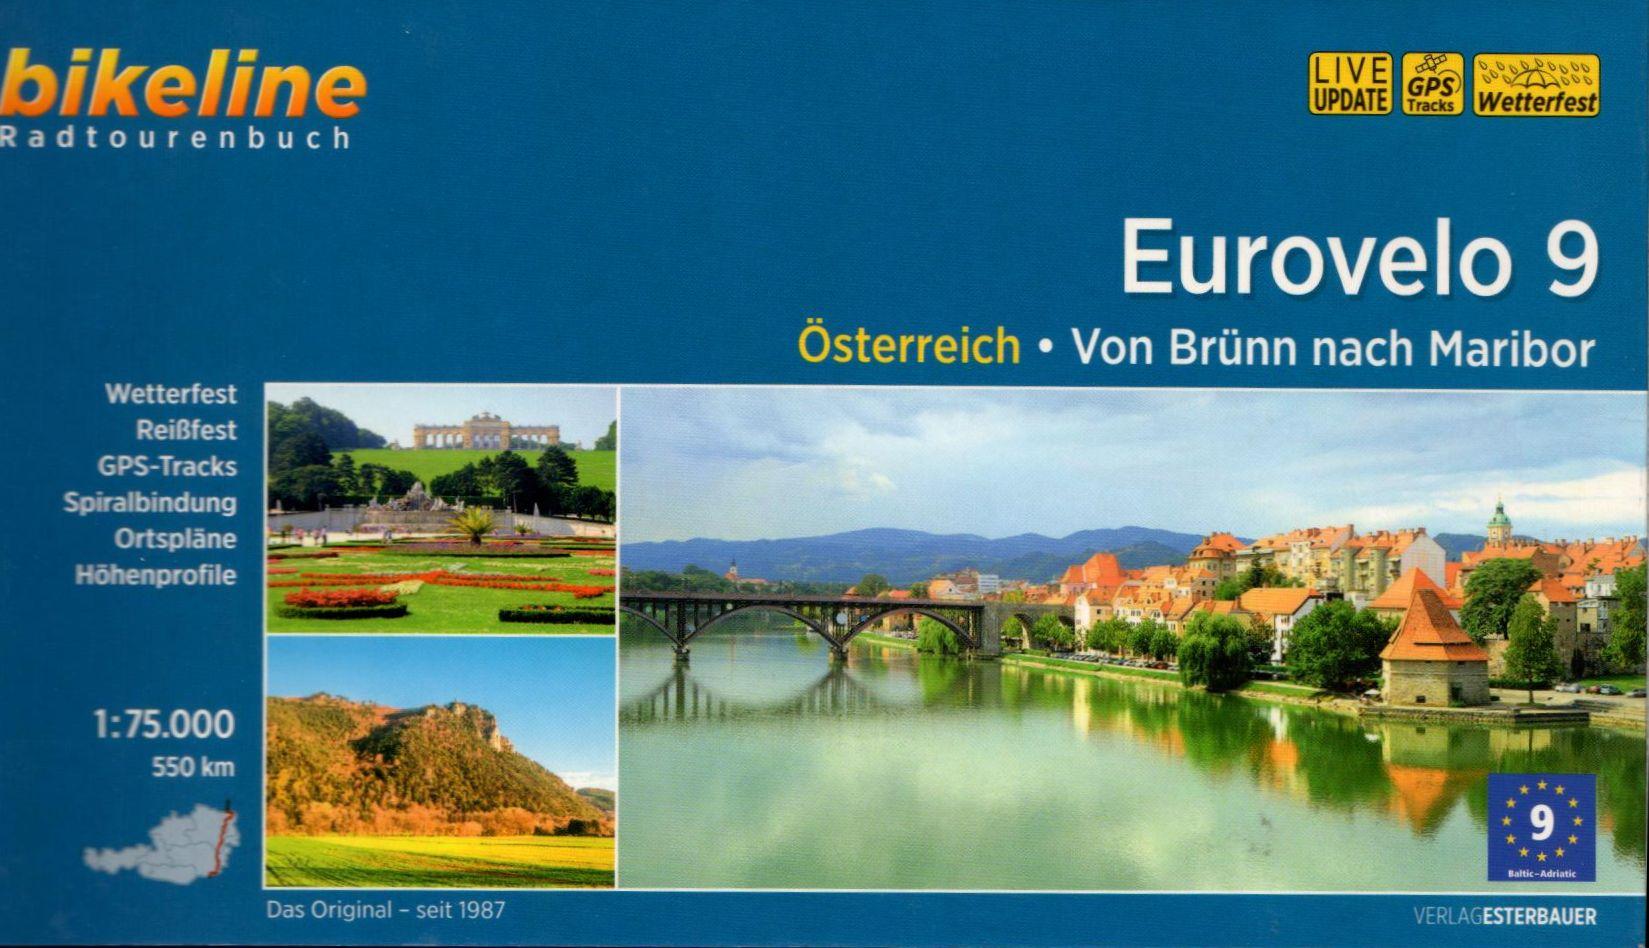 Spirál kötésű, 12 x 23 cm-es német nyelvű térképes utikönyv a Brünn-Bécs-Maribor útvonalról